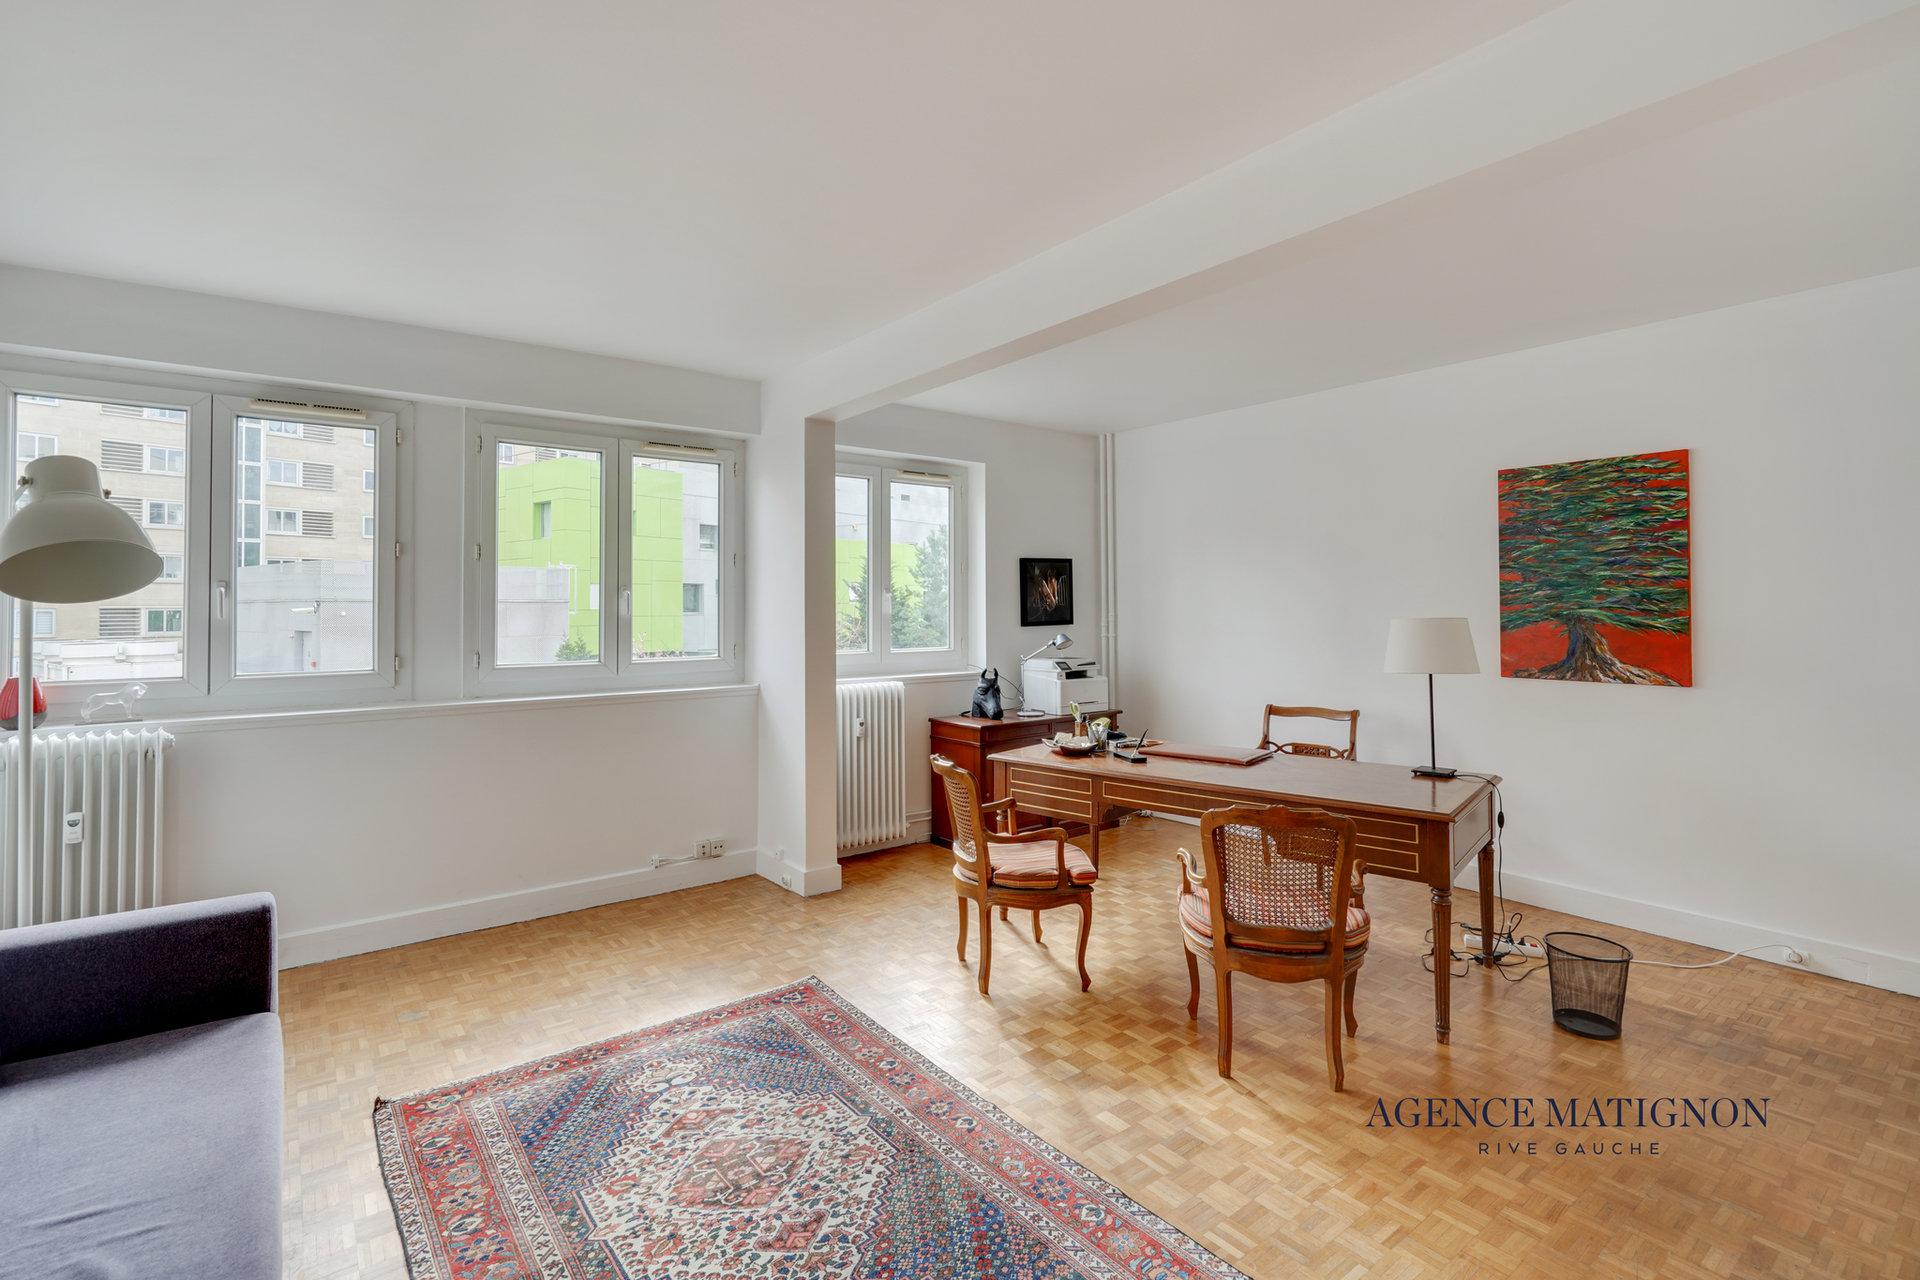 Appartement 3 pièces, 75015 (67,09 m²)